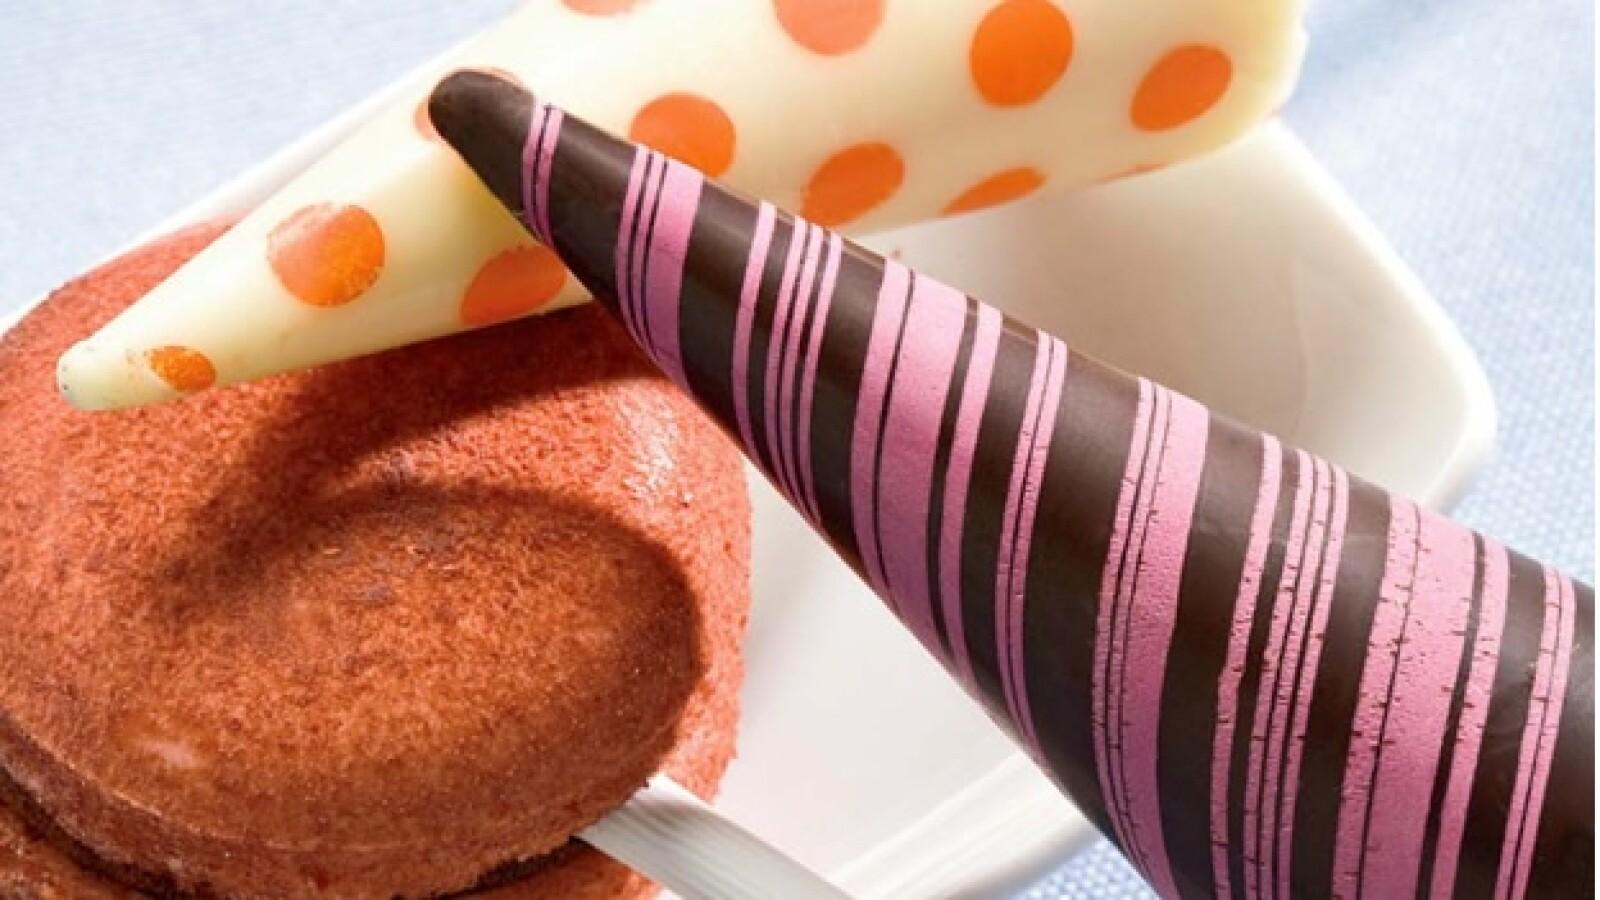 Disfruta unos deliciosos chupirules de chocolate, acompañados de un macaron francés del mismo sabor.